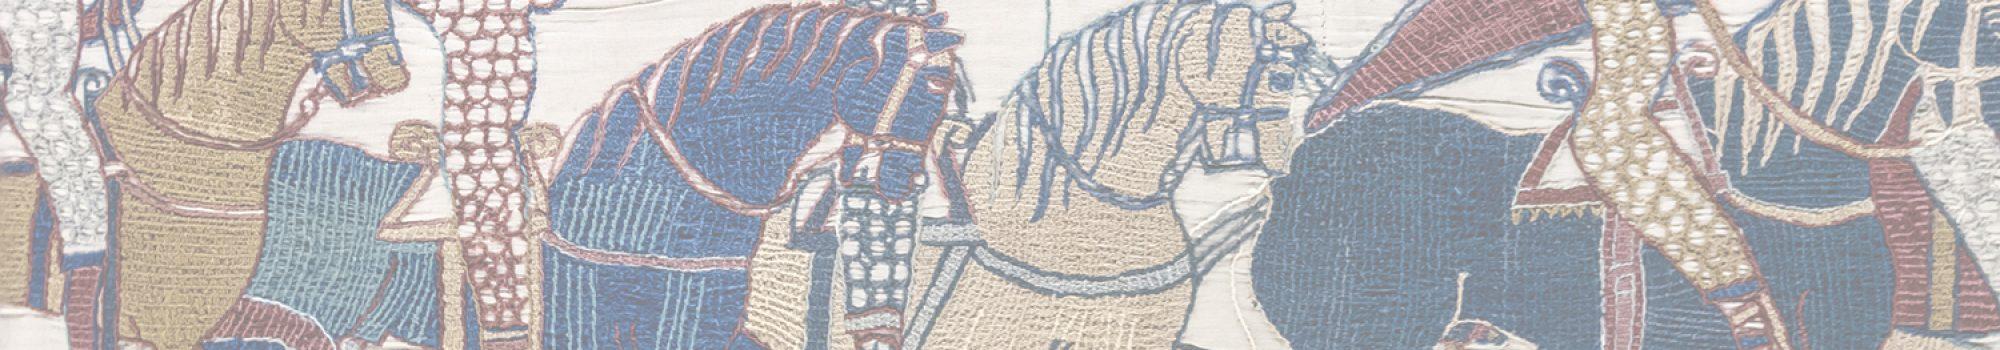 Tapisserie-de-Bayeux-estompée